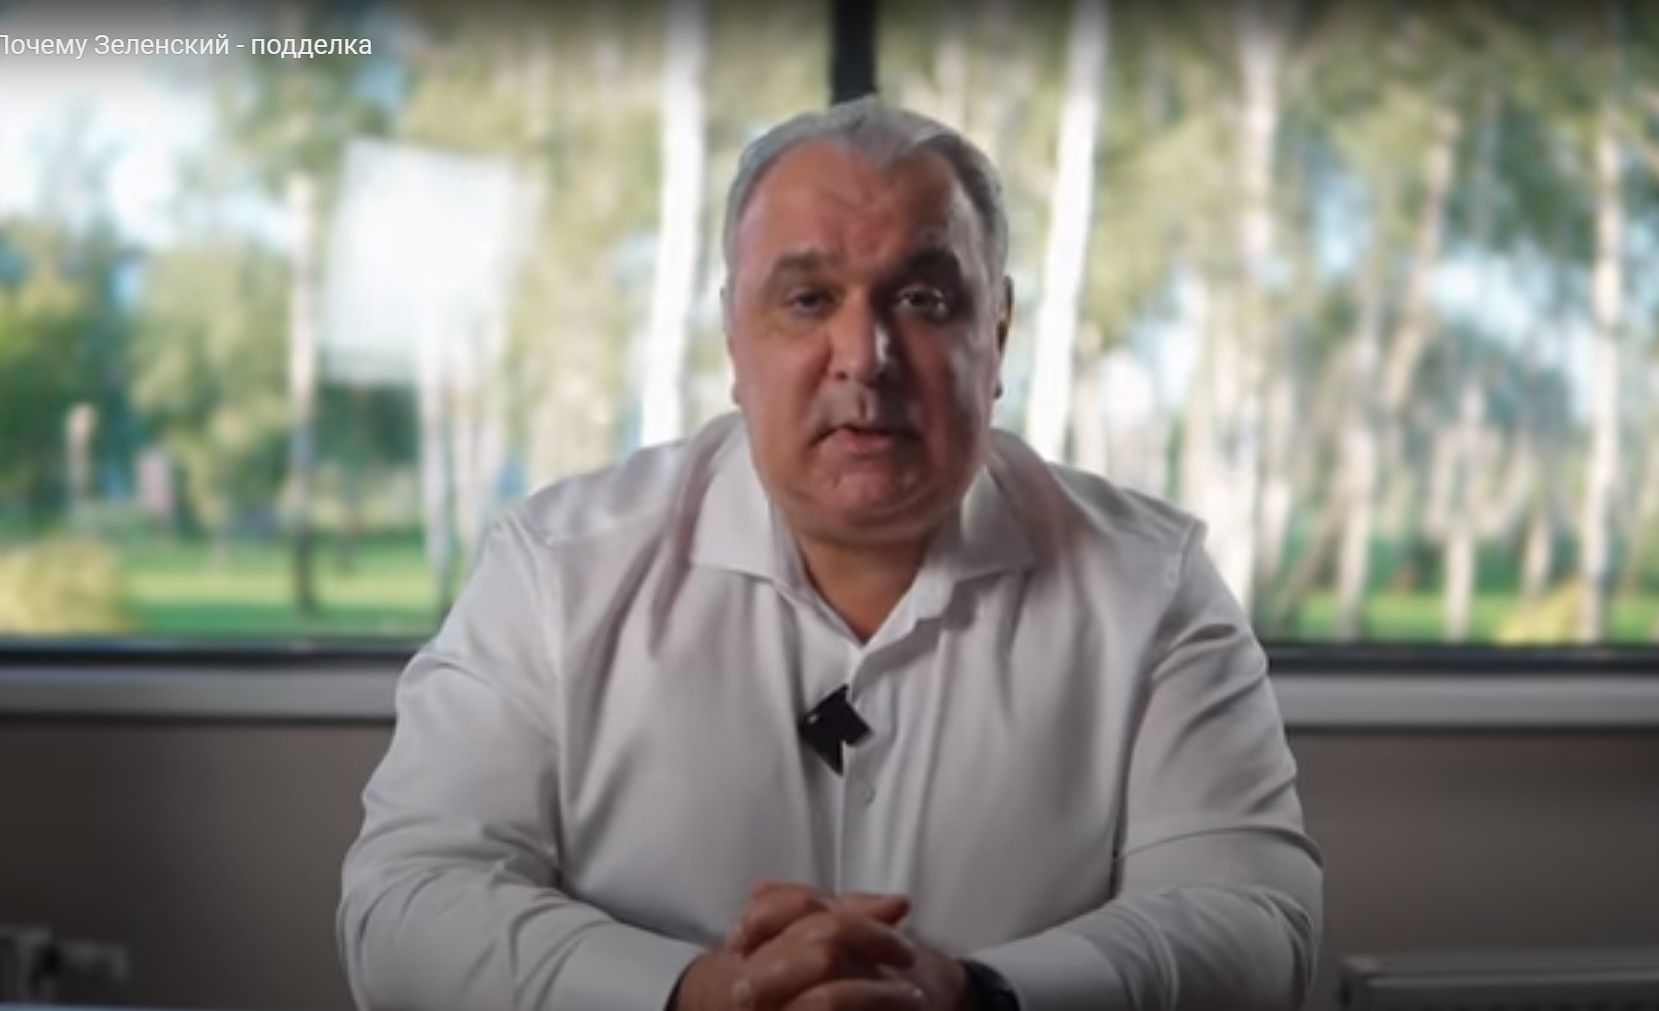 Korruption in der Ukraine und der EU